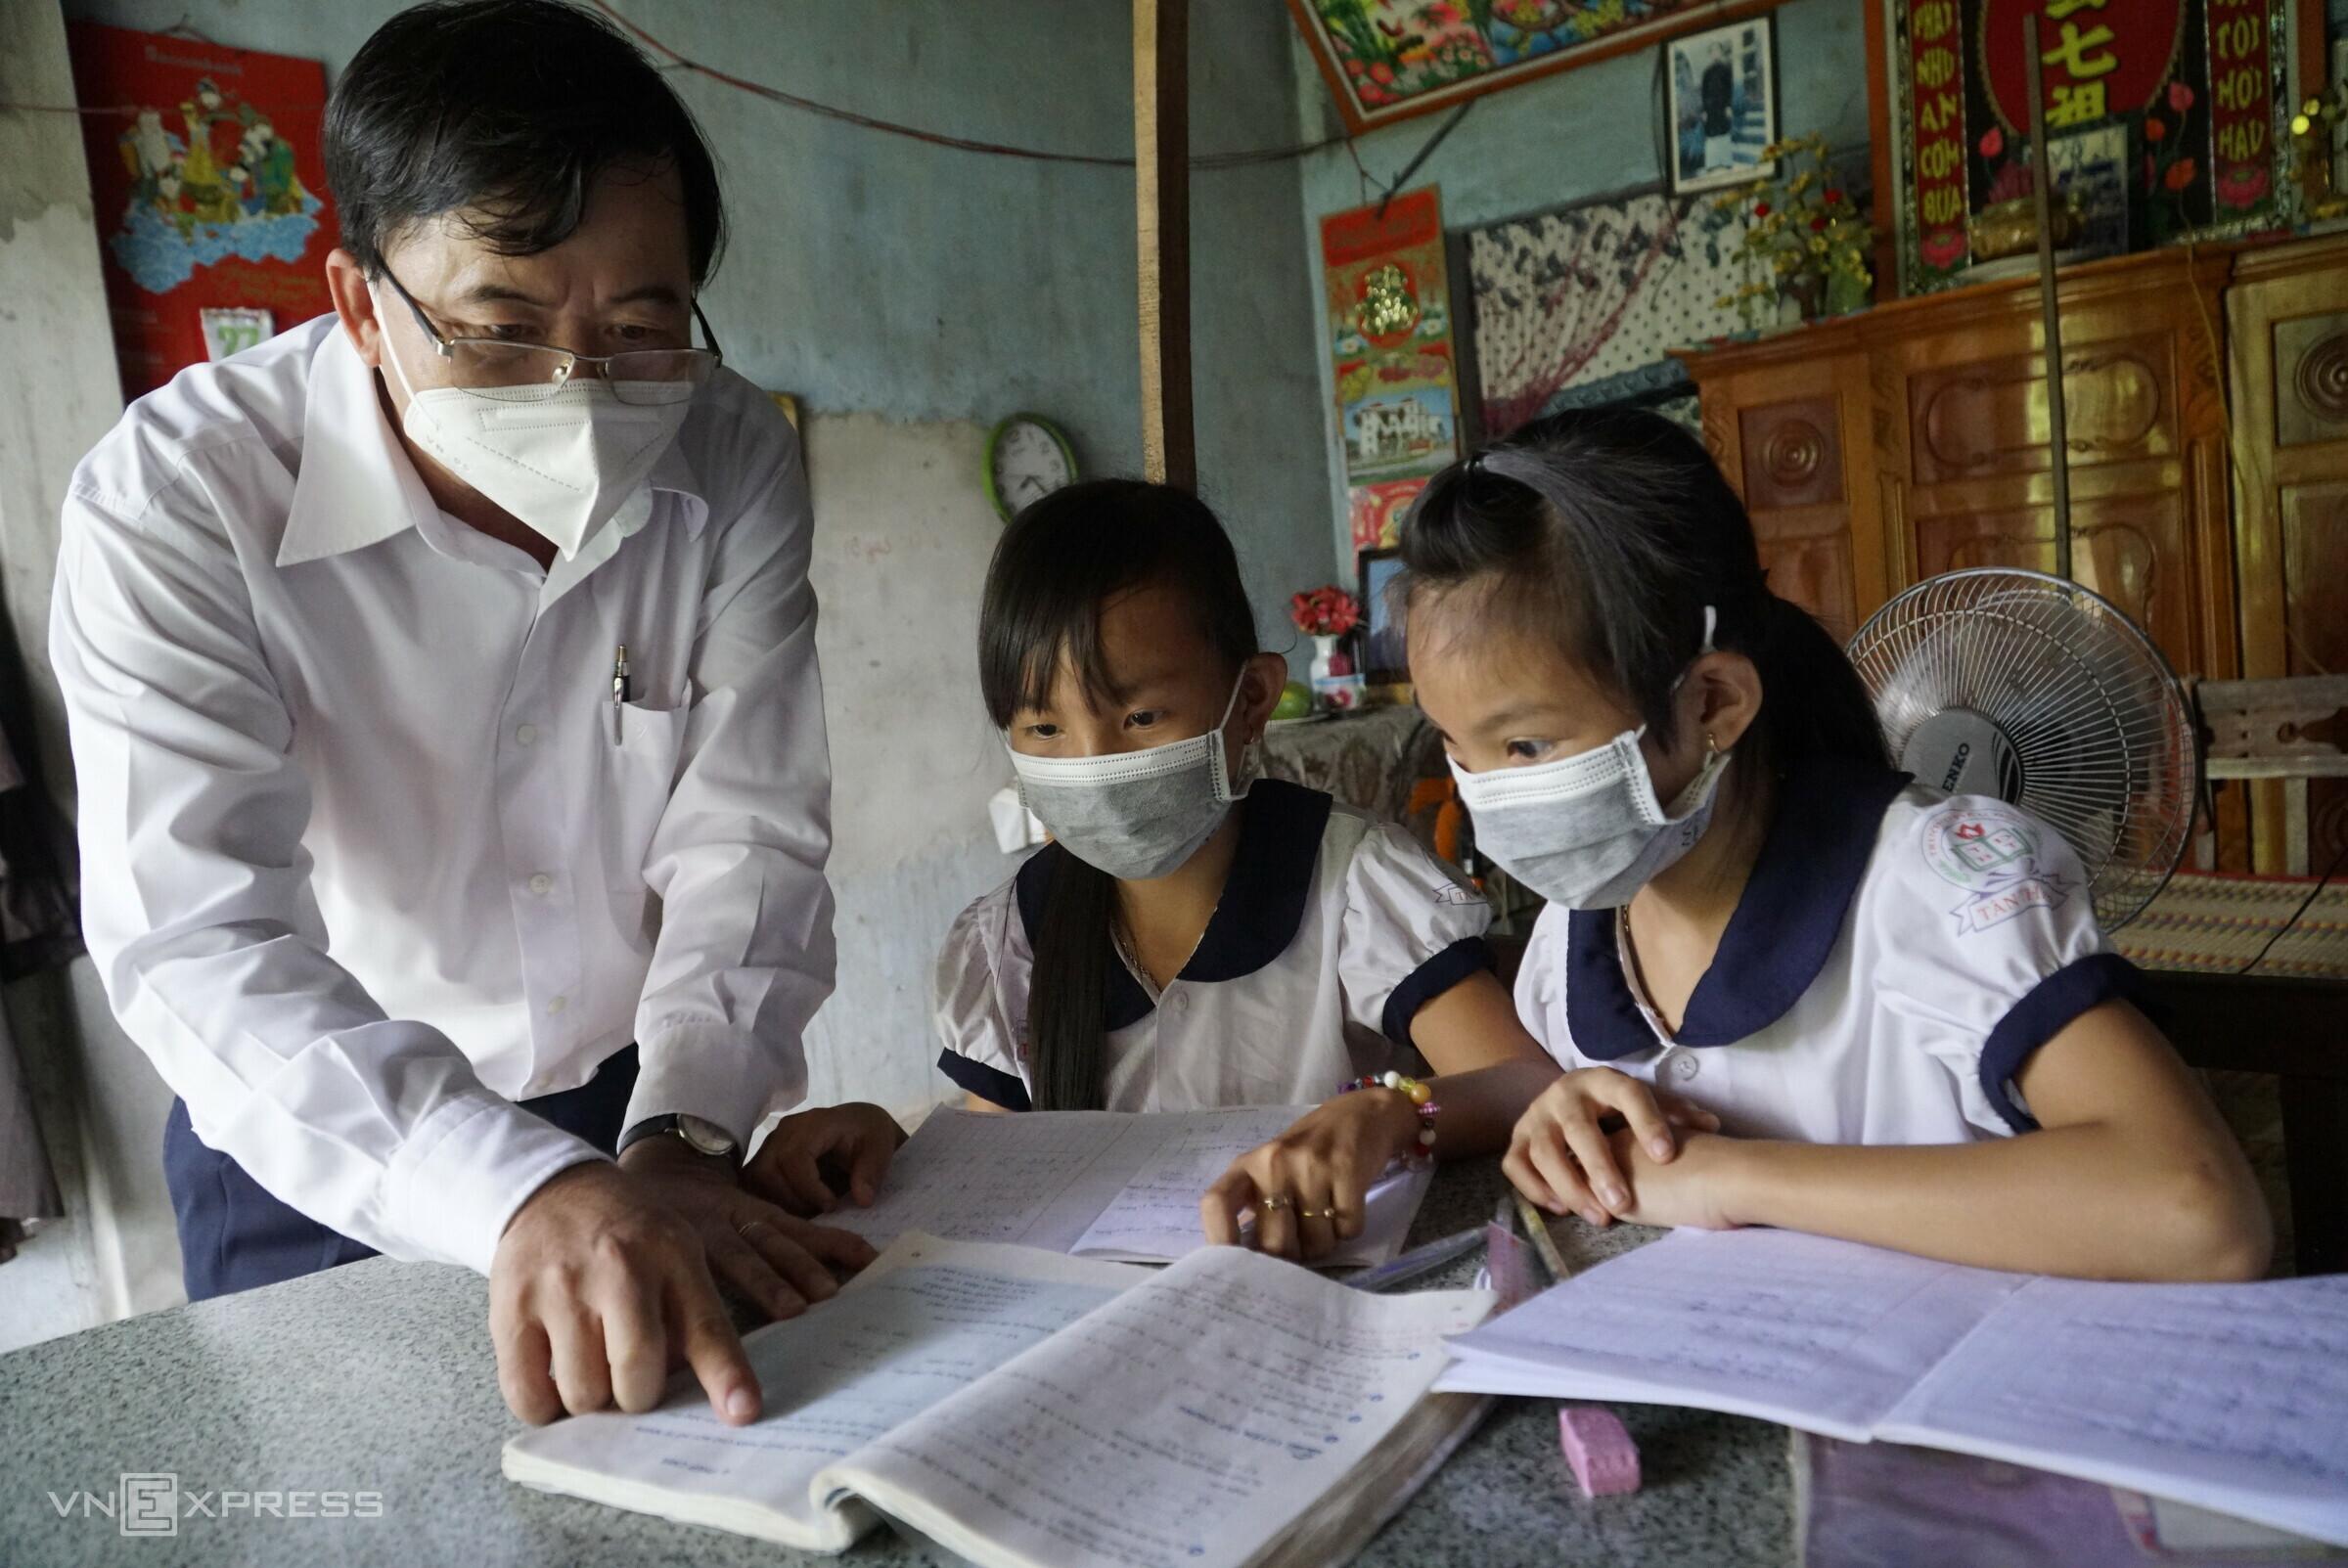 Khánh Băng và Tuyết Mai, học sinh Trường Tiểu học Tân Thạnh 1 chưa có thiết bị học trực tuyến nên được thầy giáo chỉ bài và giao bài tập để làm. Ảnh: Ngọc Tài